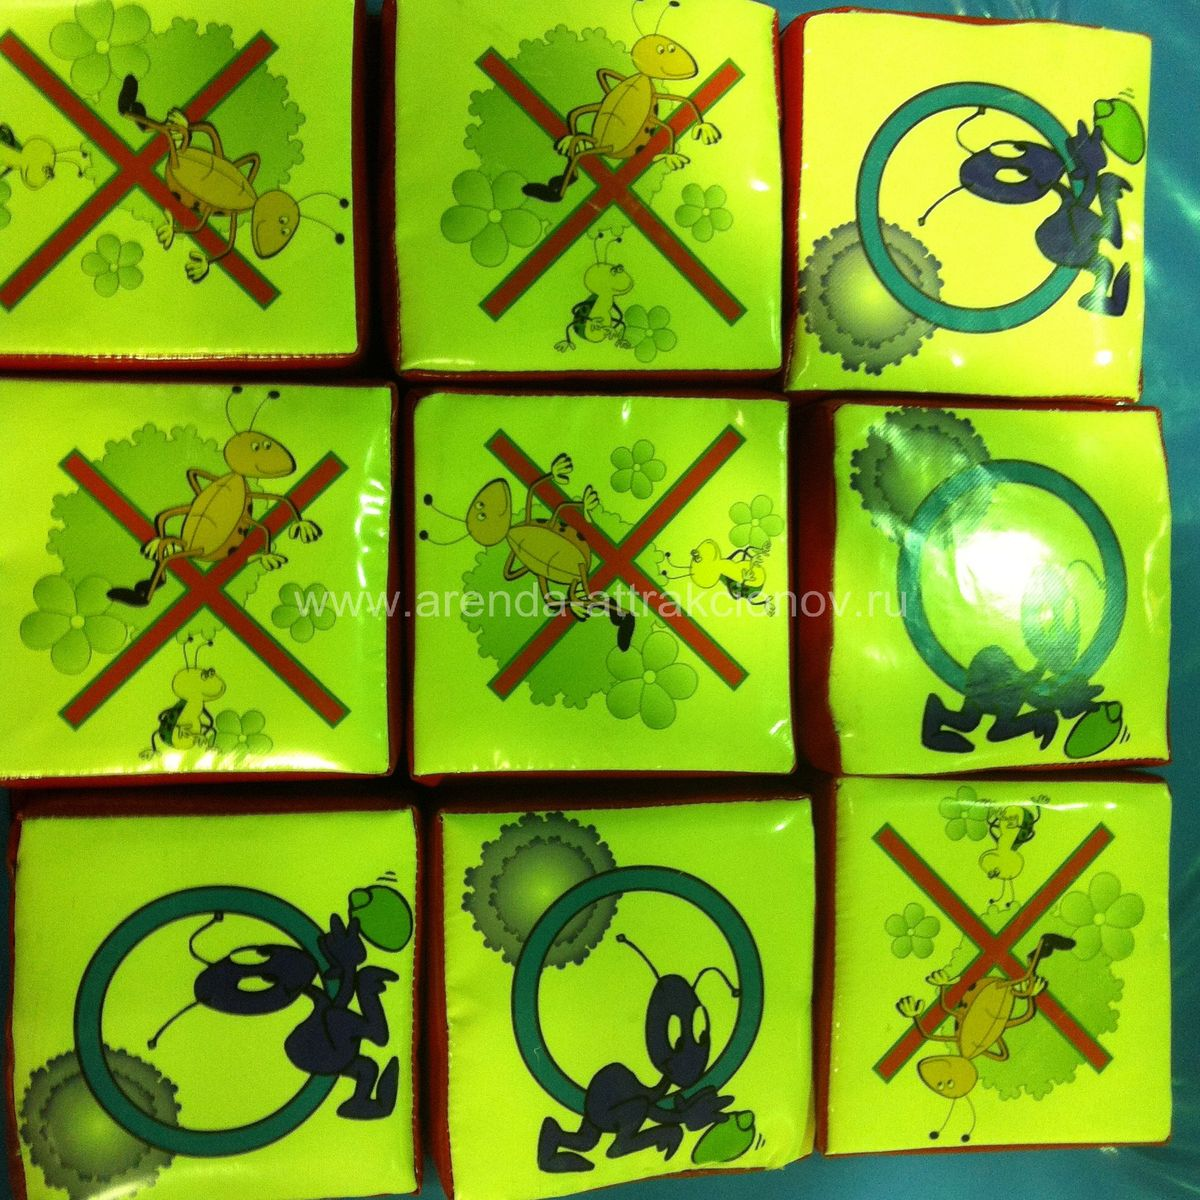 Крестики Нолики для аттракциона Мягкие головоломки